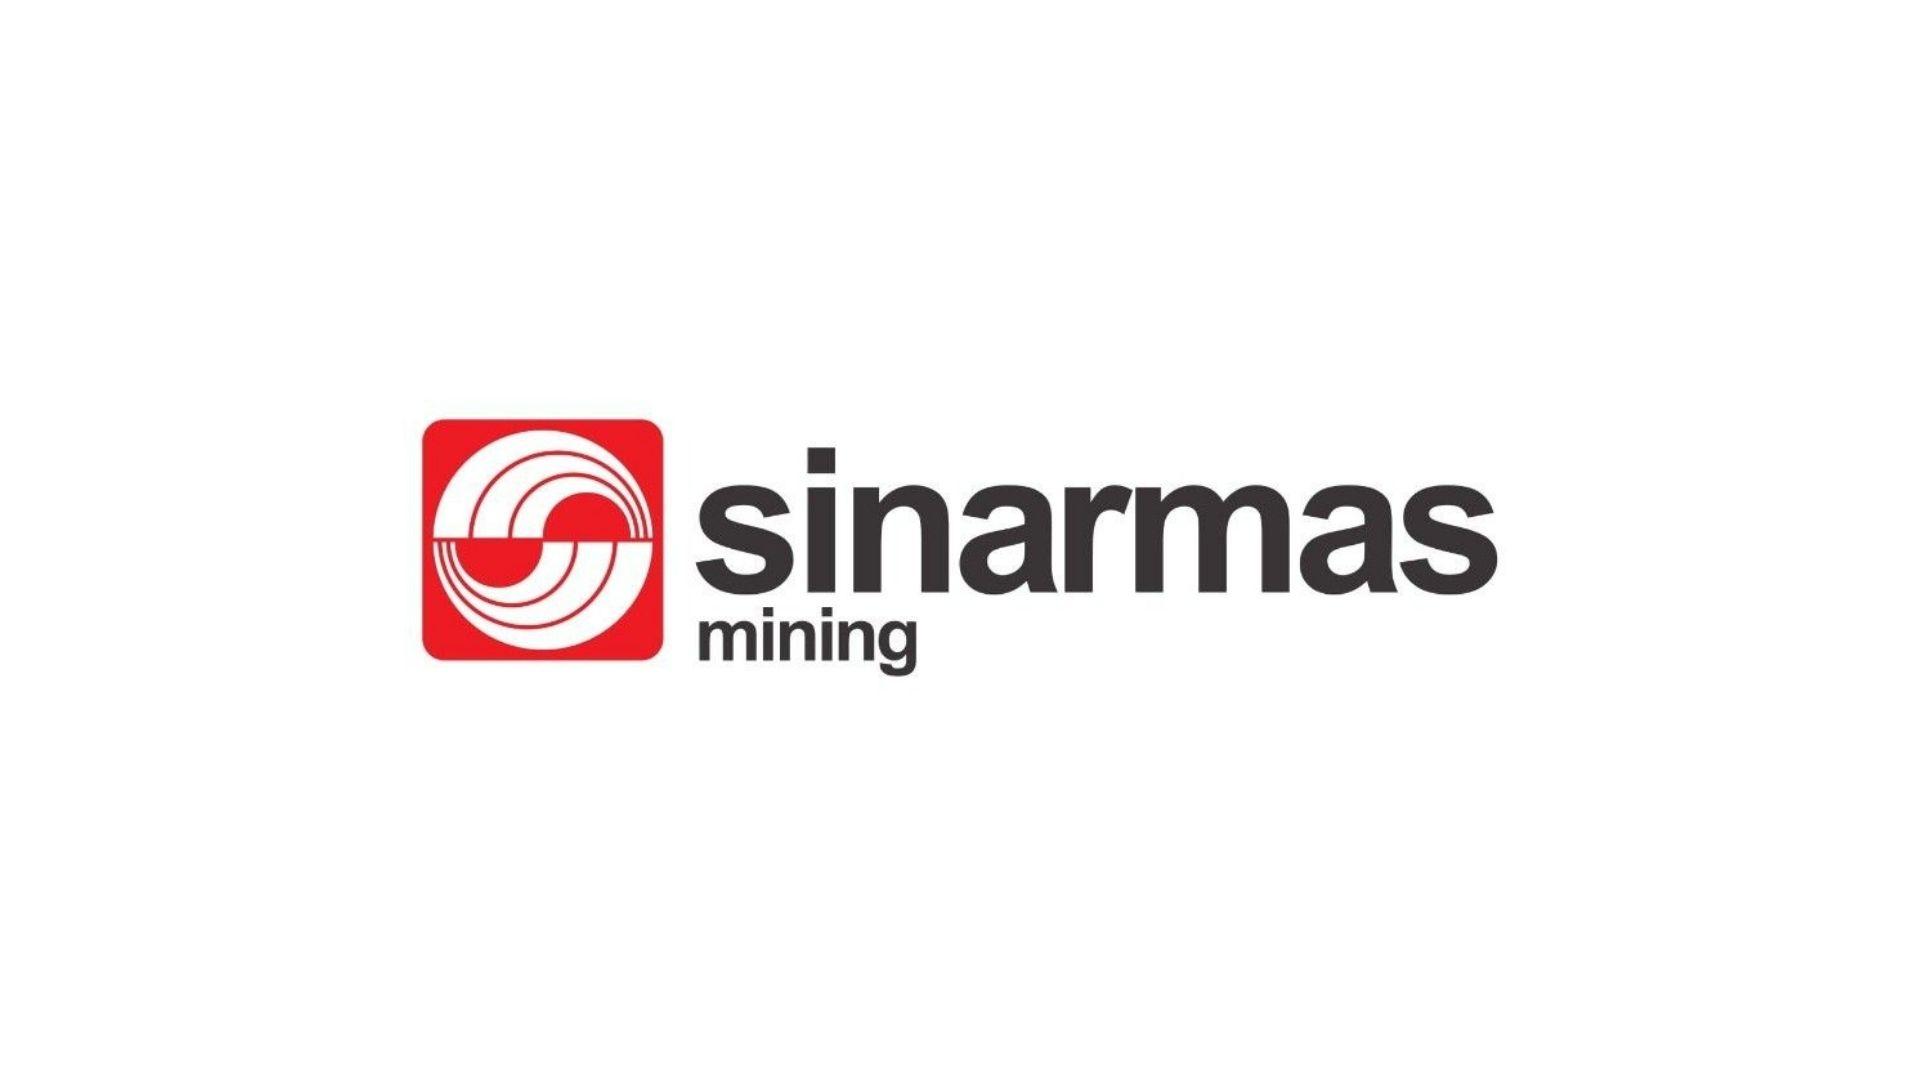 Lowongan Kerja Sinasmas Mining